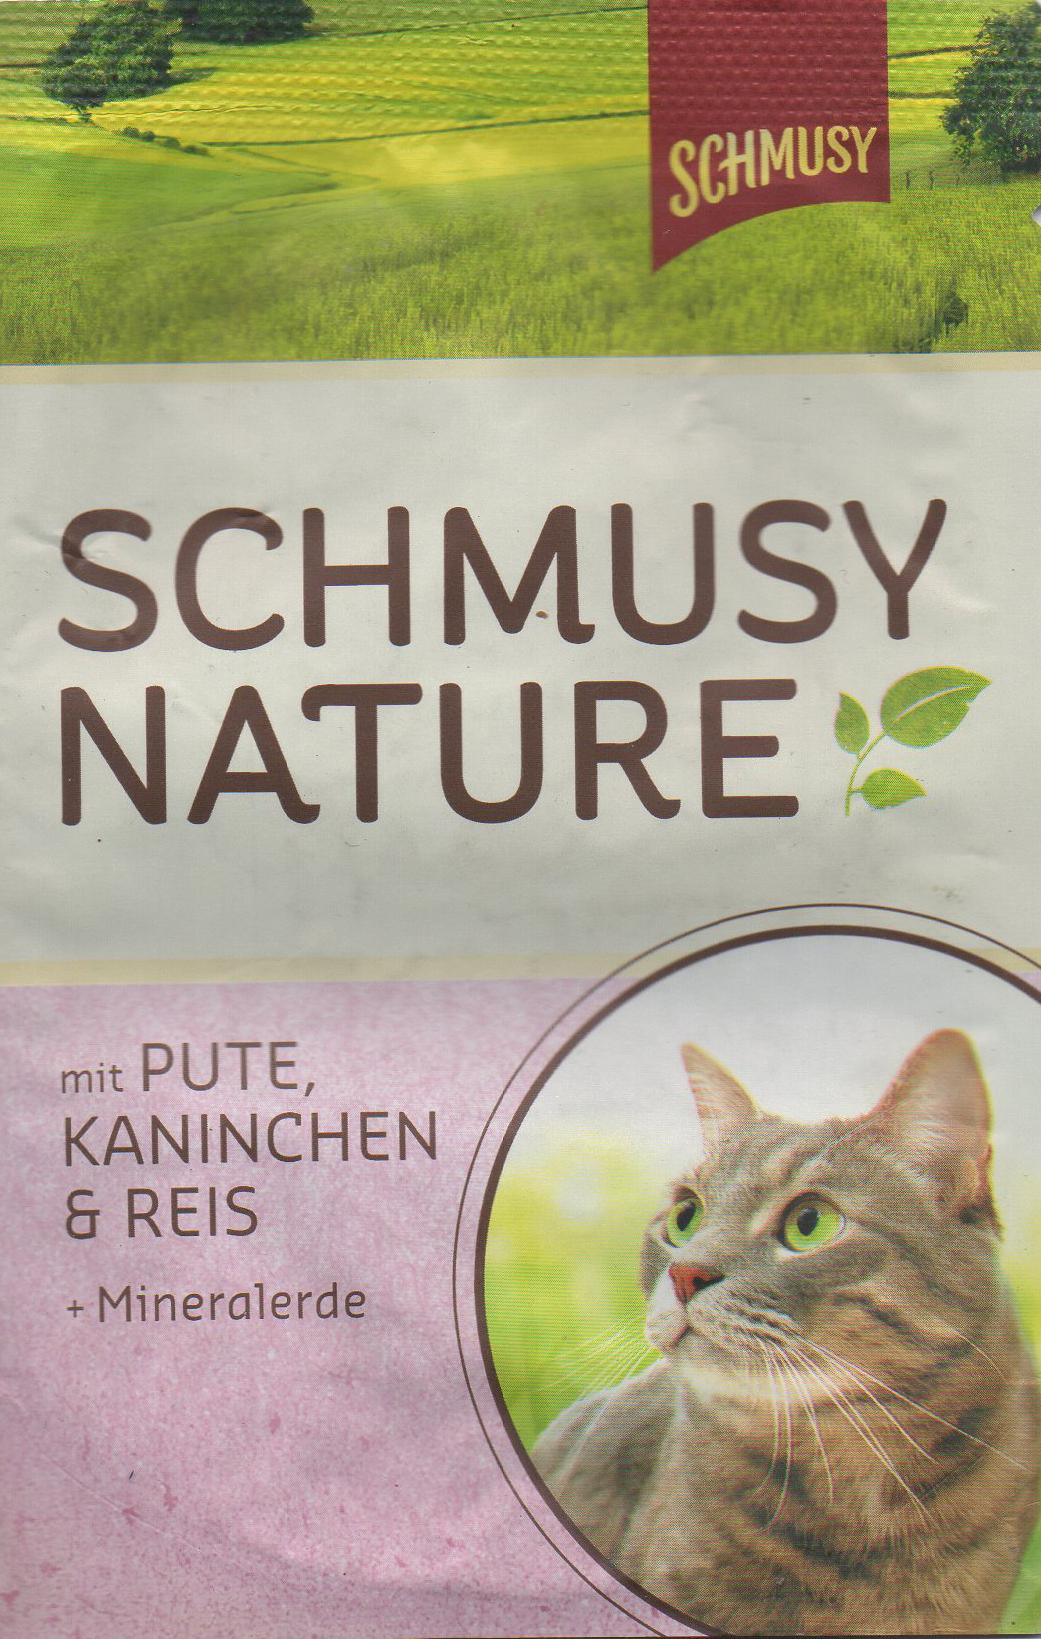 Katzenfutter matte Verpackung